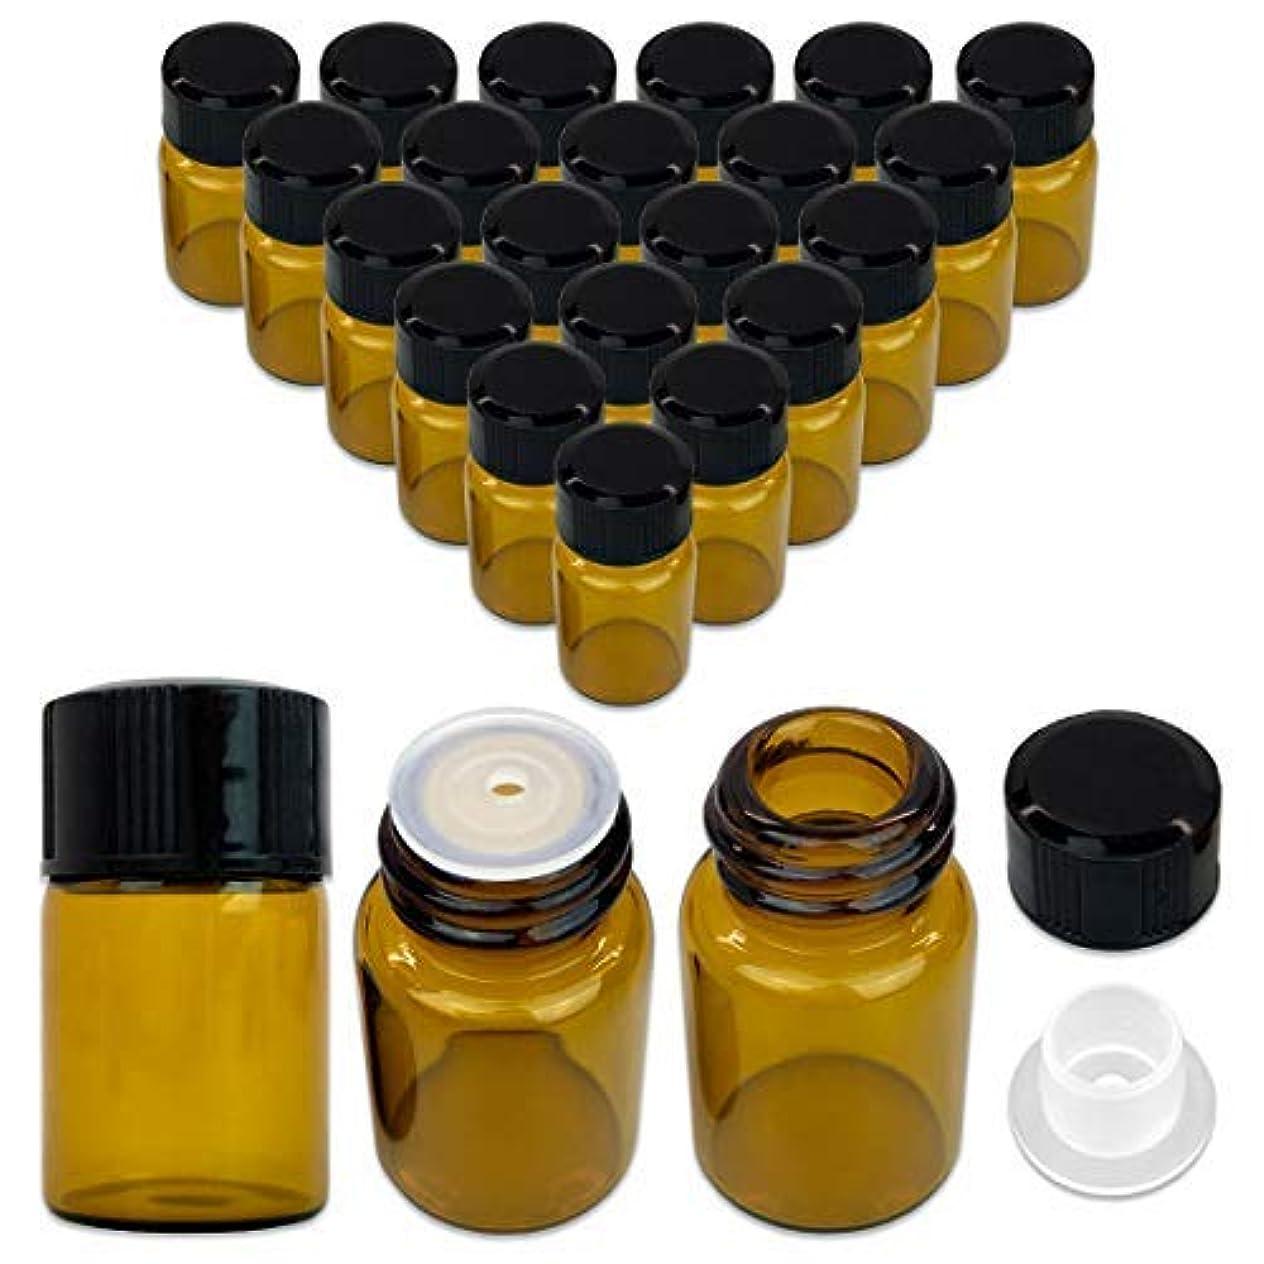 物理的な韻青24 Packs Beauticom 2ML Amber Glass Vial for Essential Oils, Aromatherapy, Fragrance, Serums, Spritzes, with Orifice Reducer and Dropper Top [並行輸入品]